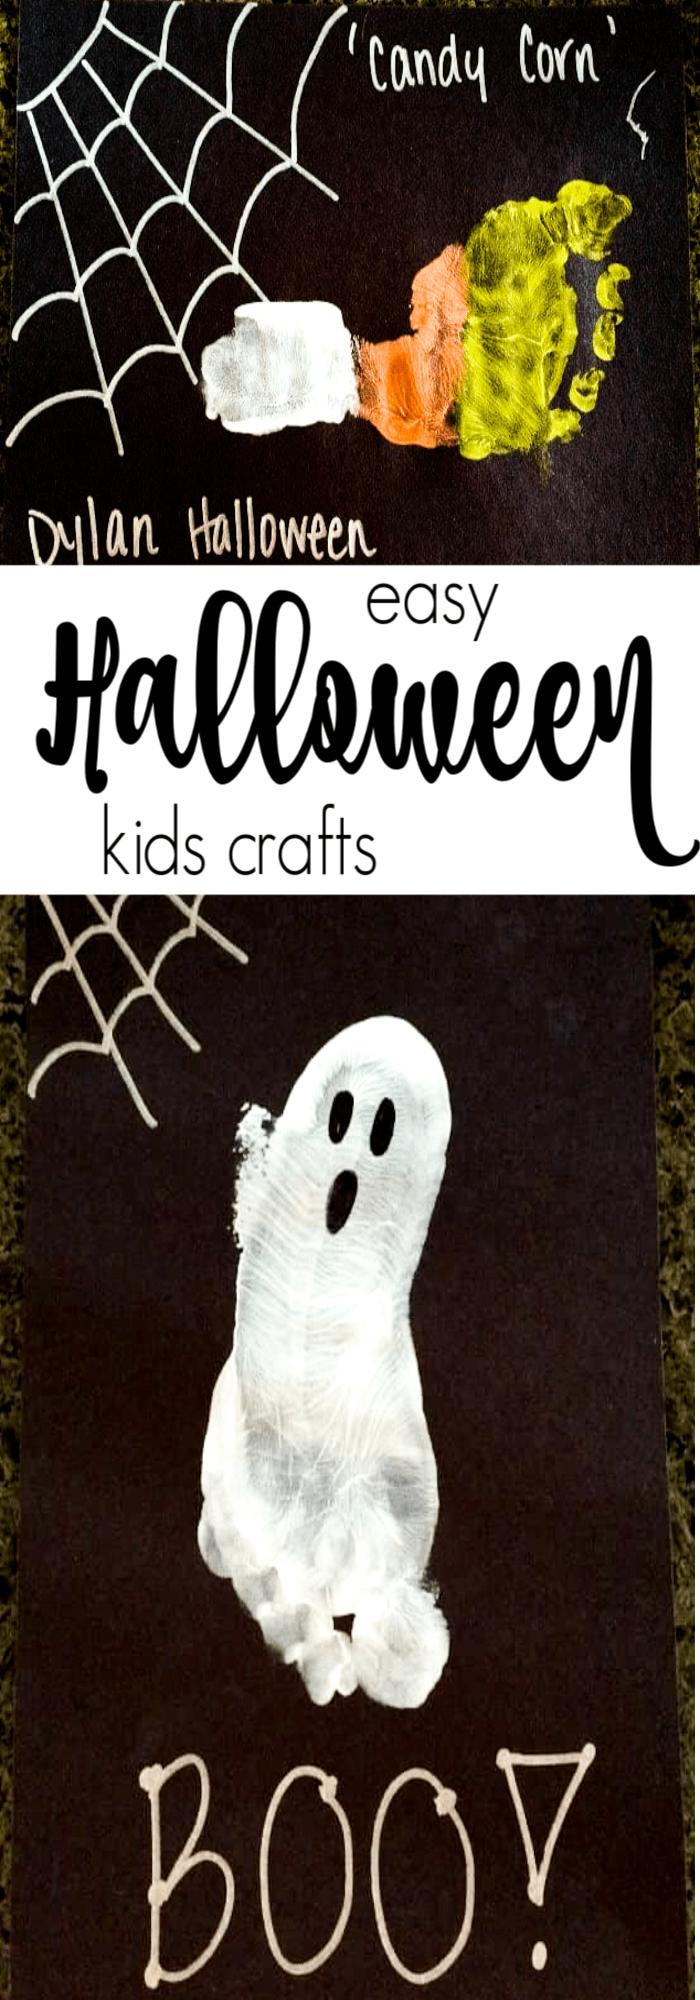 Footprint Crafts | Last minute kids halloween crafts. Kids Halloween Crafts | Frankenstein Foot Prints | Preschool Kids Crafts | Last minute Halloween Fun! | www.madewithhappy.com